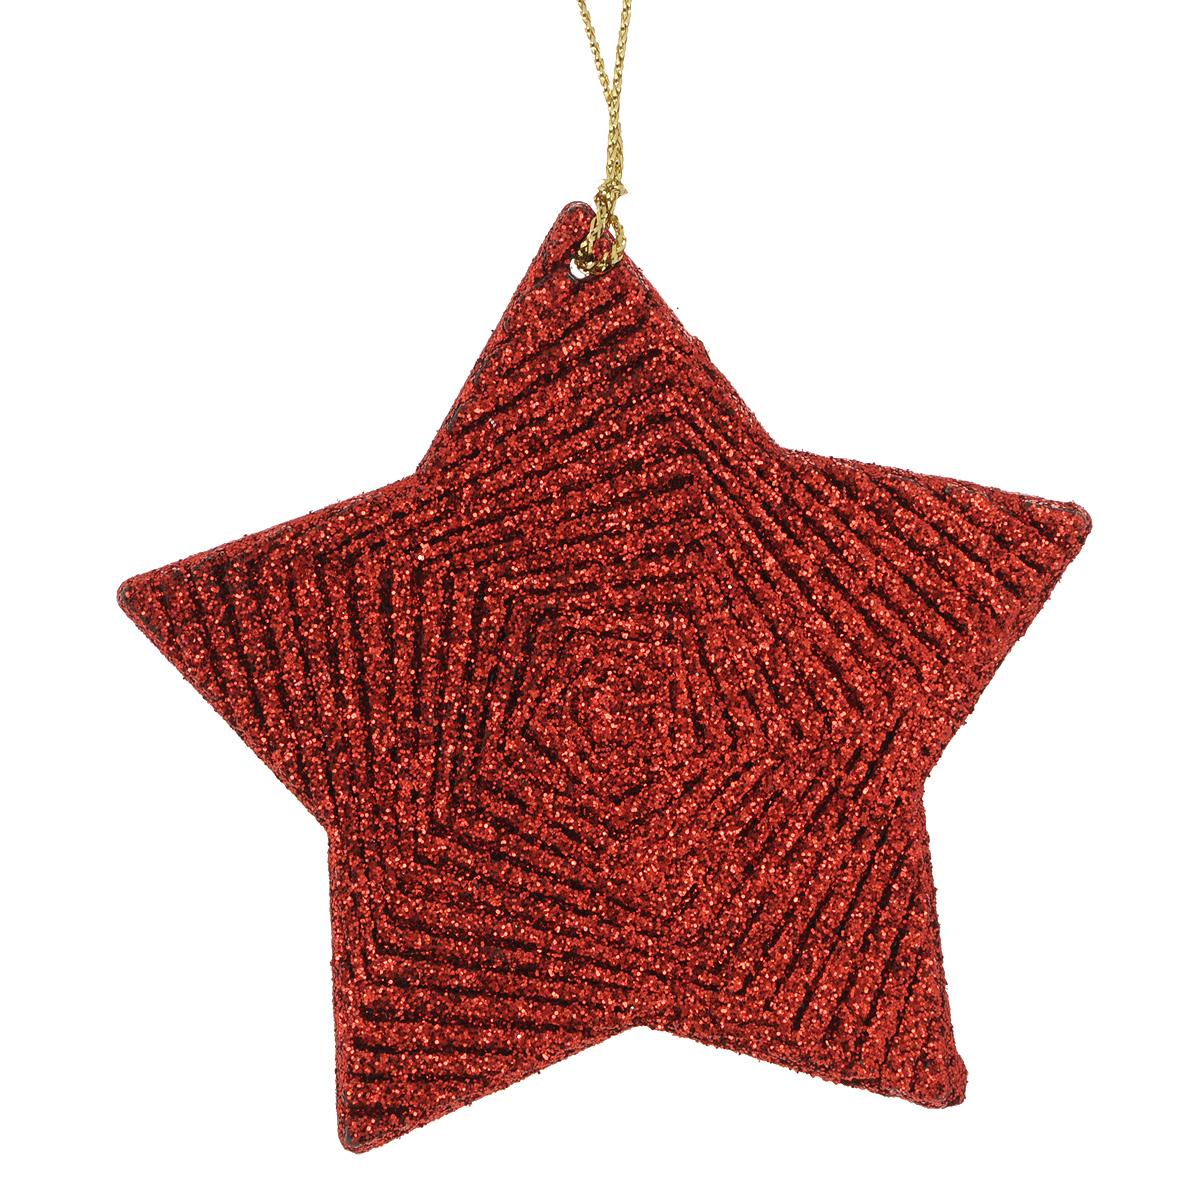 Новогоднее подвесное украшение Красная звезда. 3498034980Оригинальное новогоднее украшение из пластика прекрасно подойдет для праздничного декора дома и новогодней ели. Изделие крепится на елку с помощью металлического зажима.